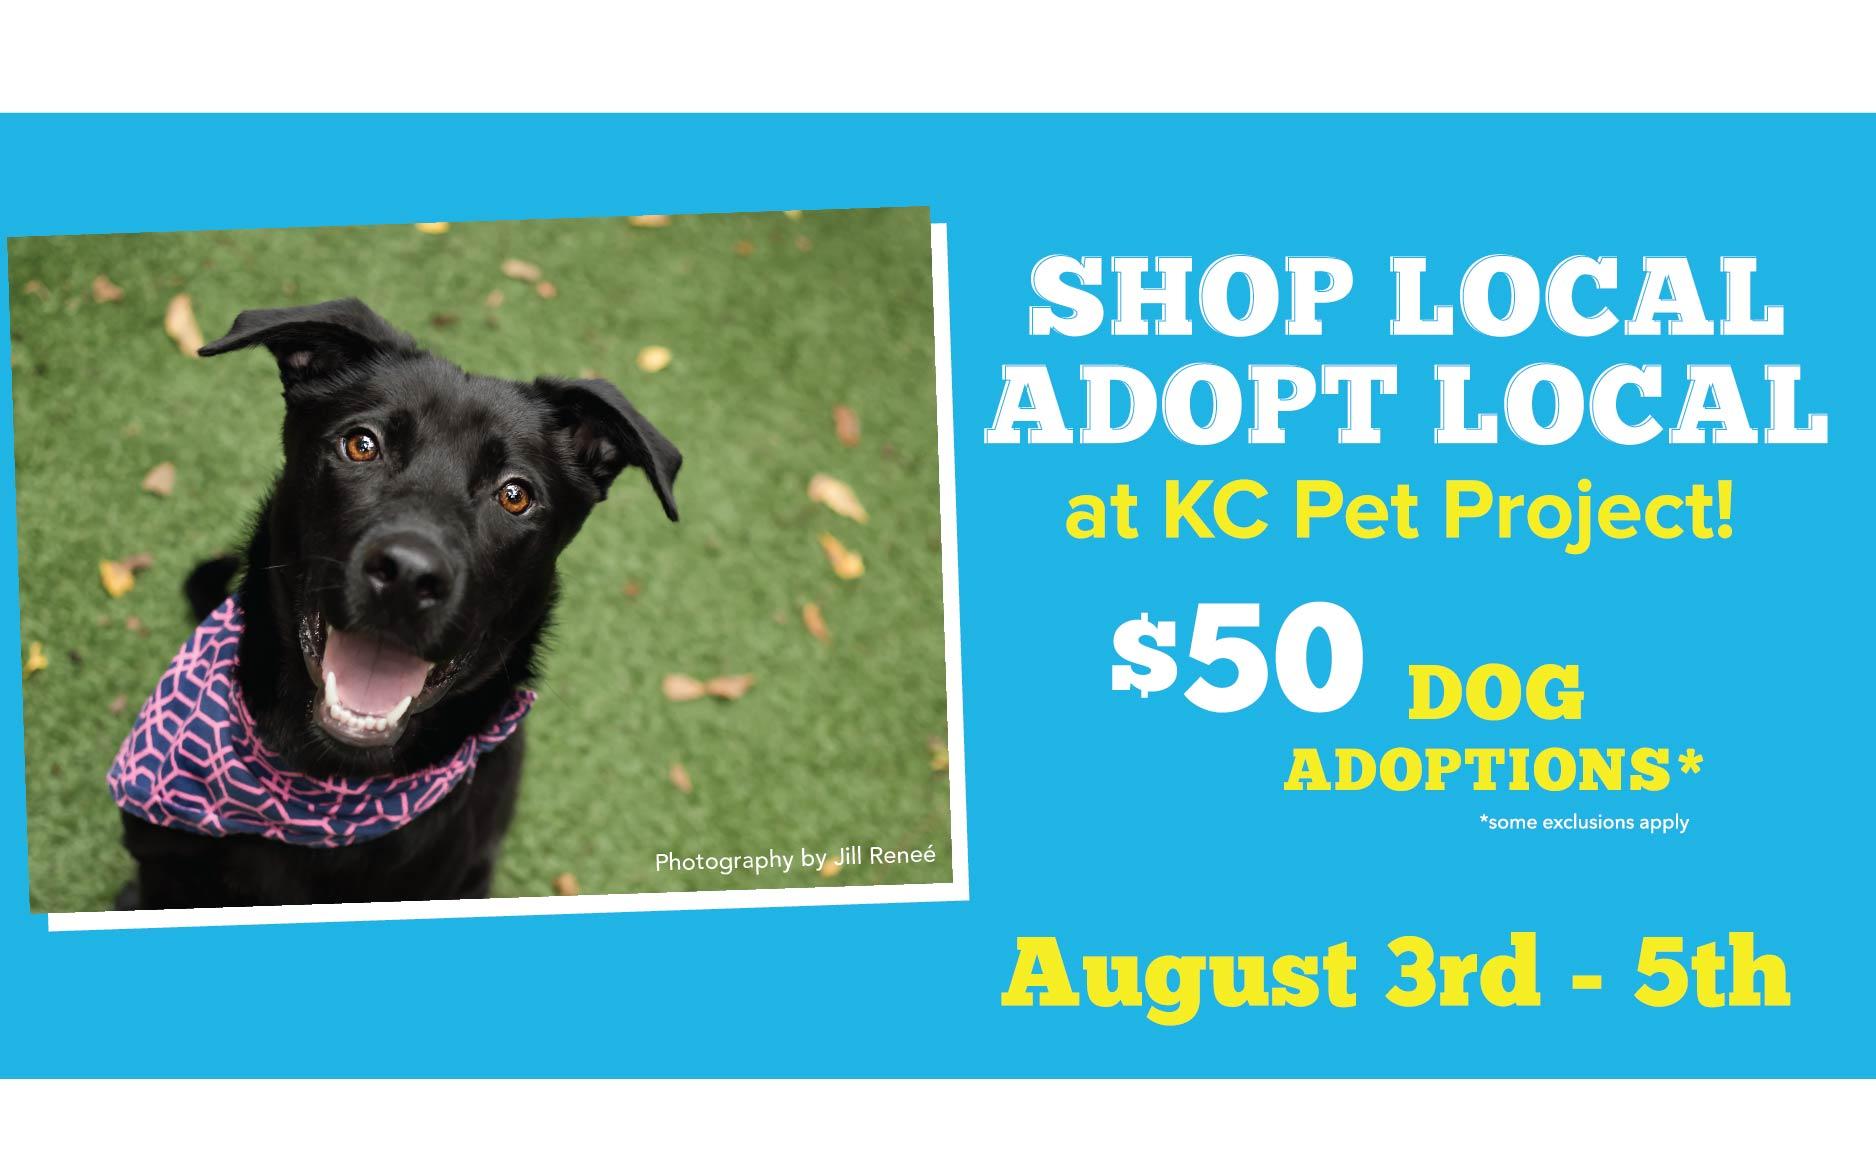 shop-local-adopt-local-2018